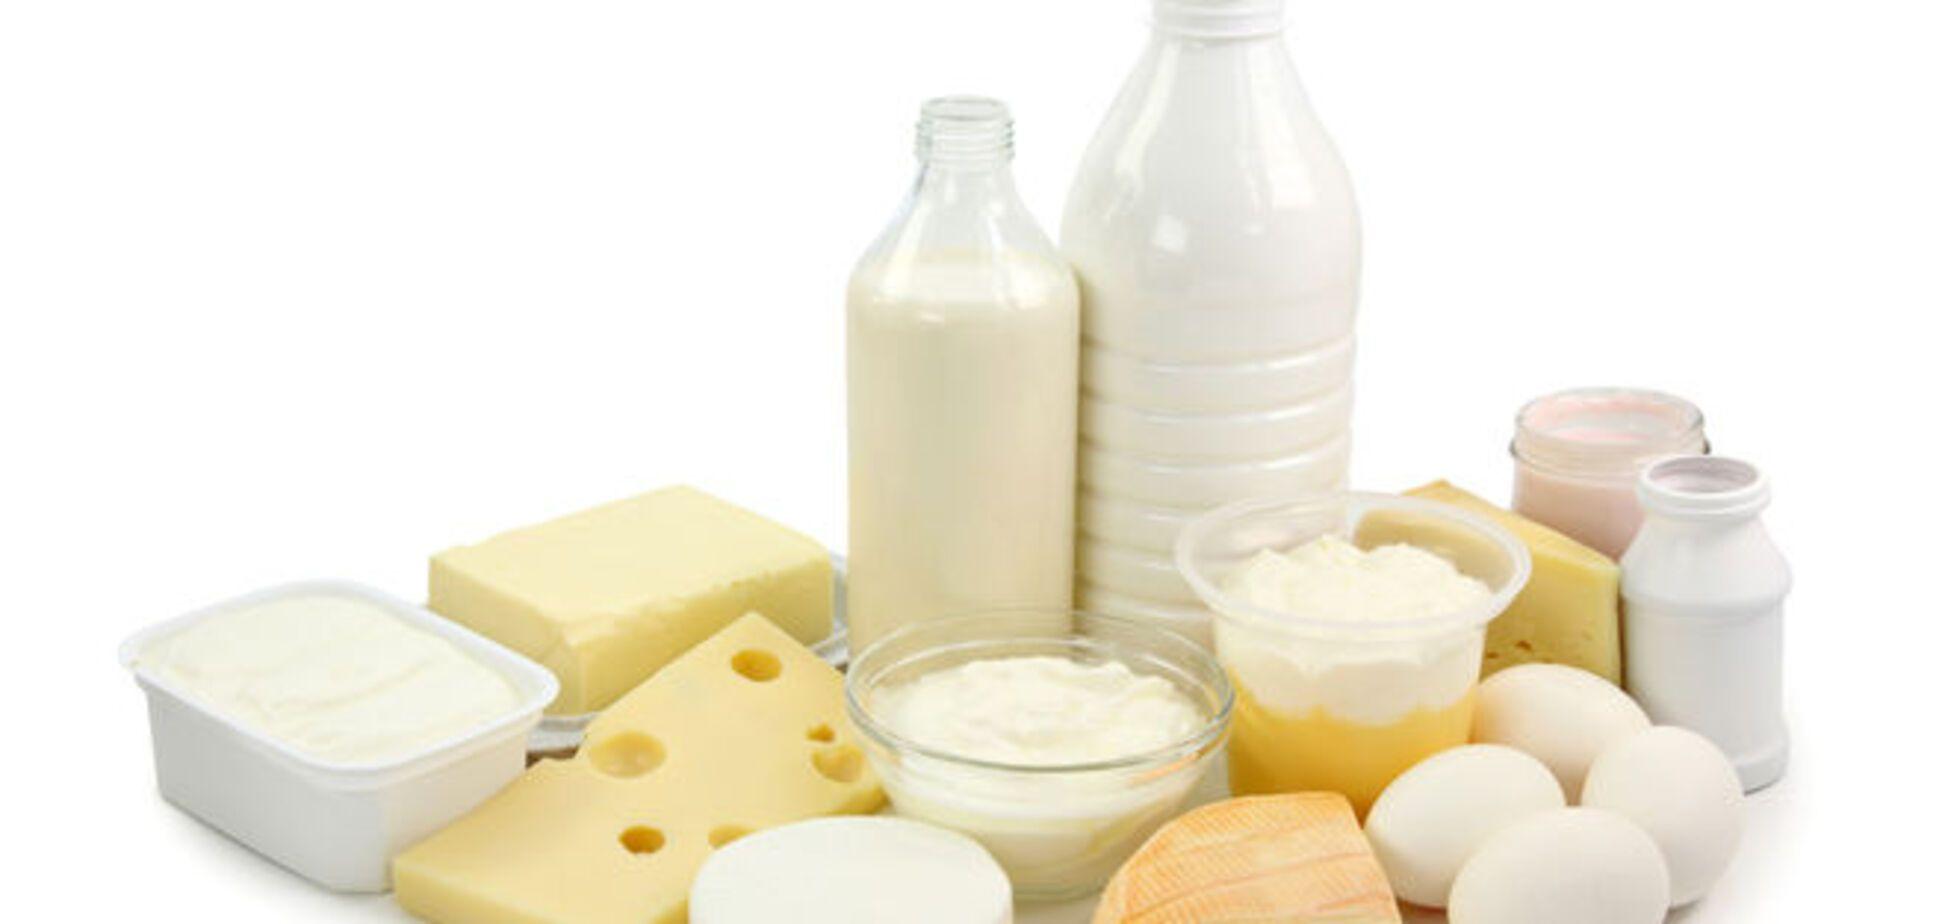 Жирные молочные продукты защищают от диабета